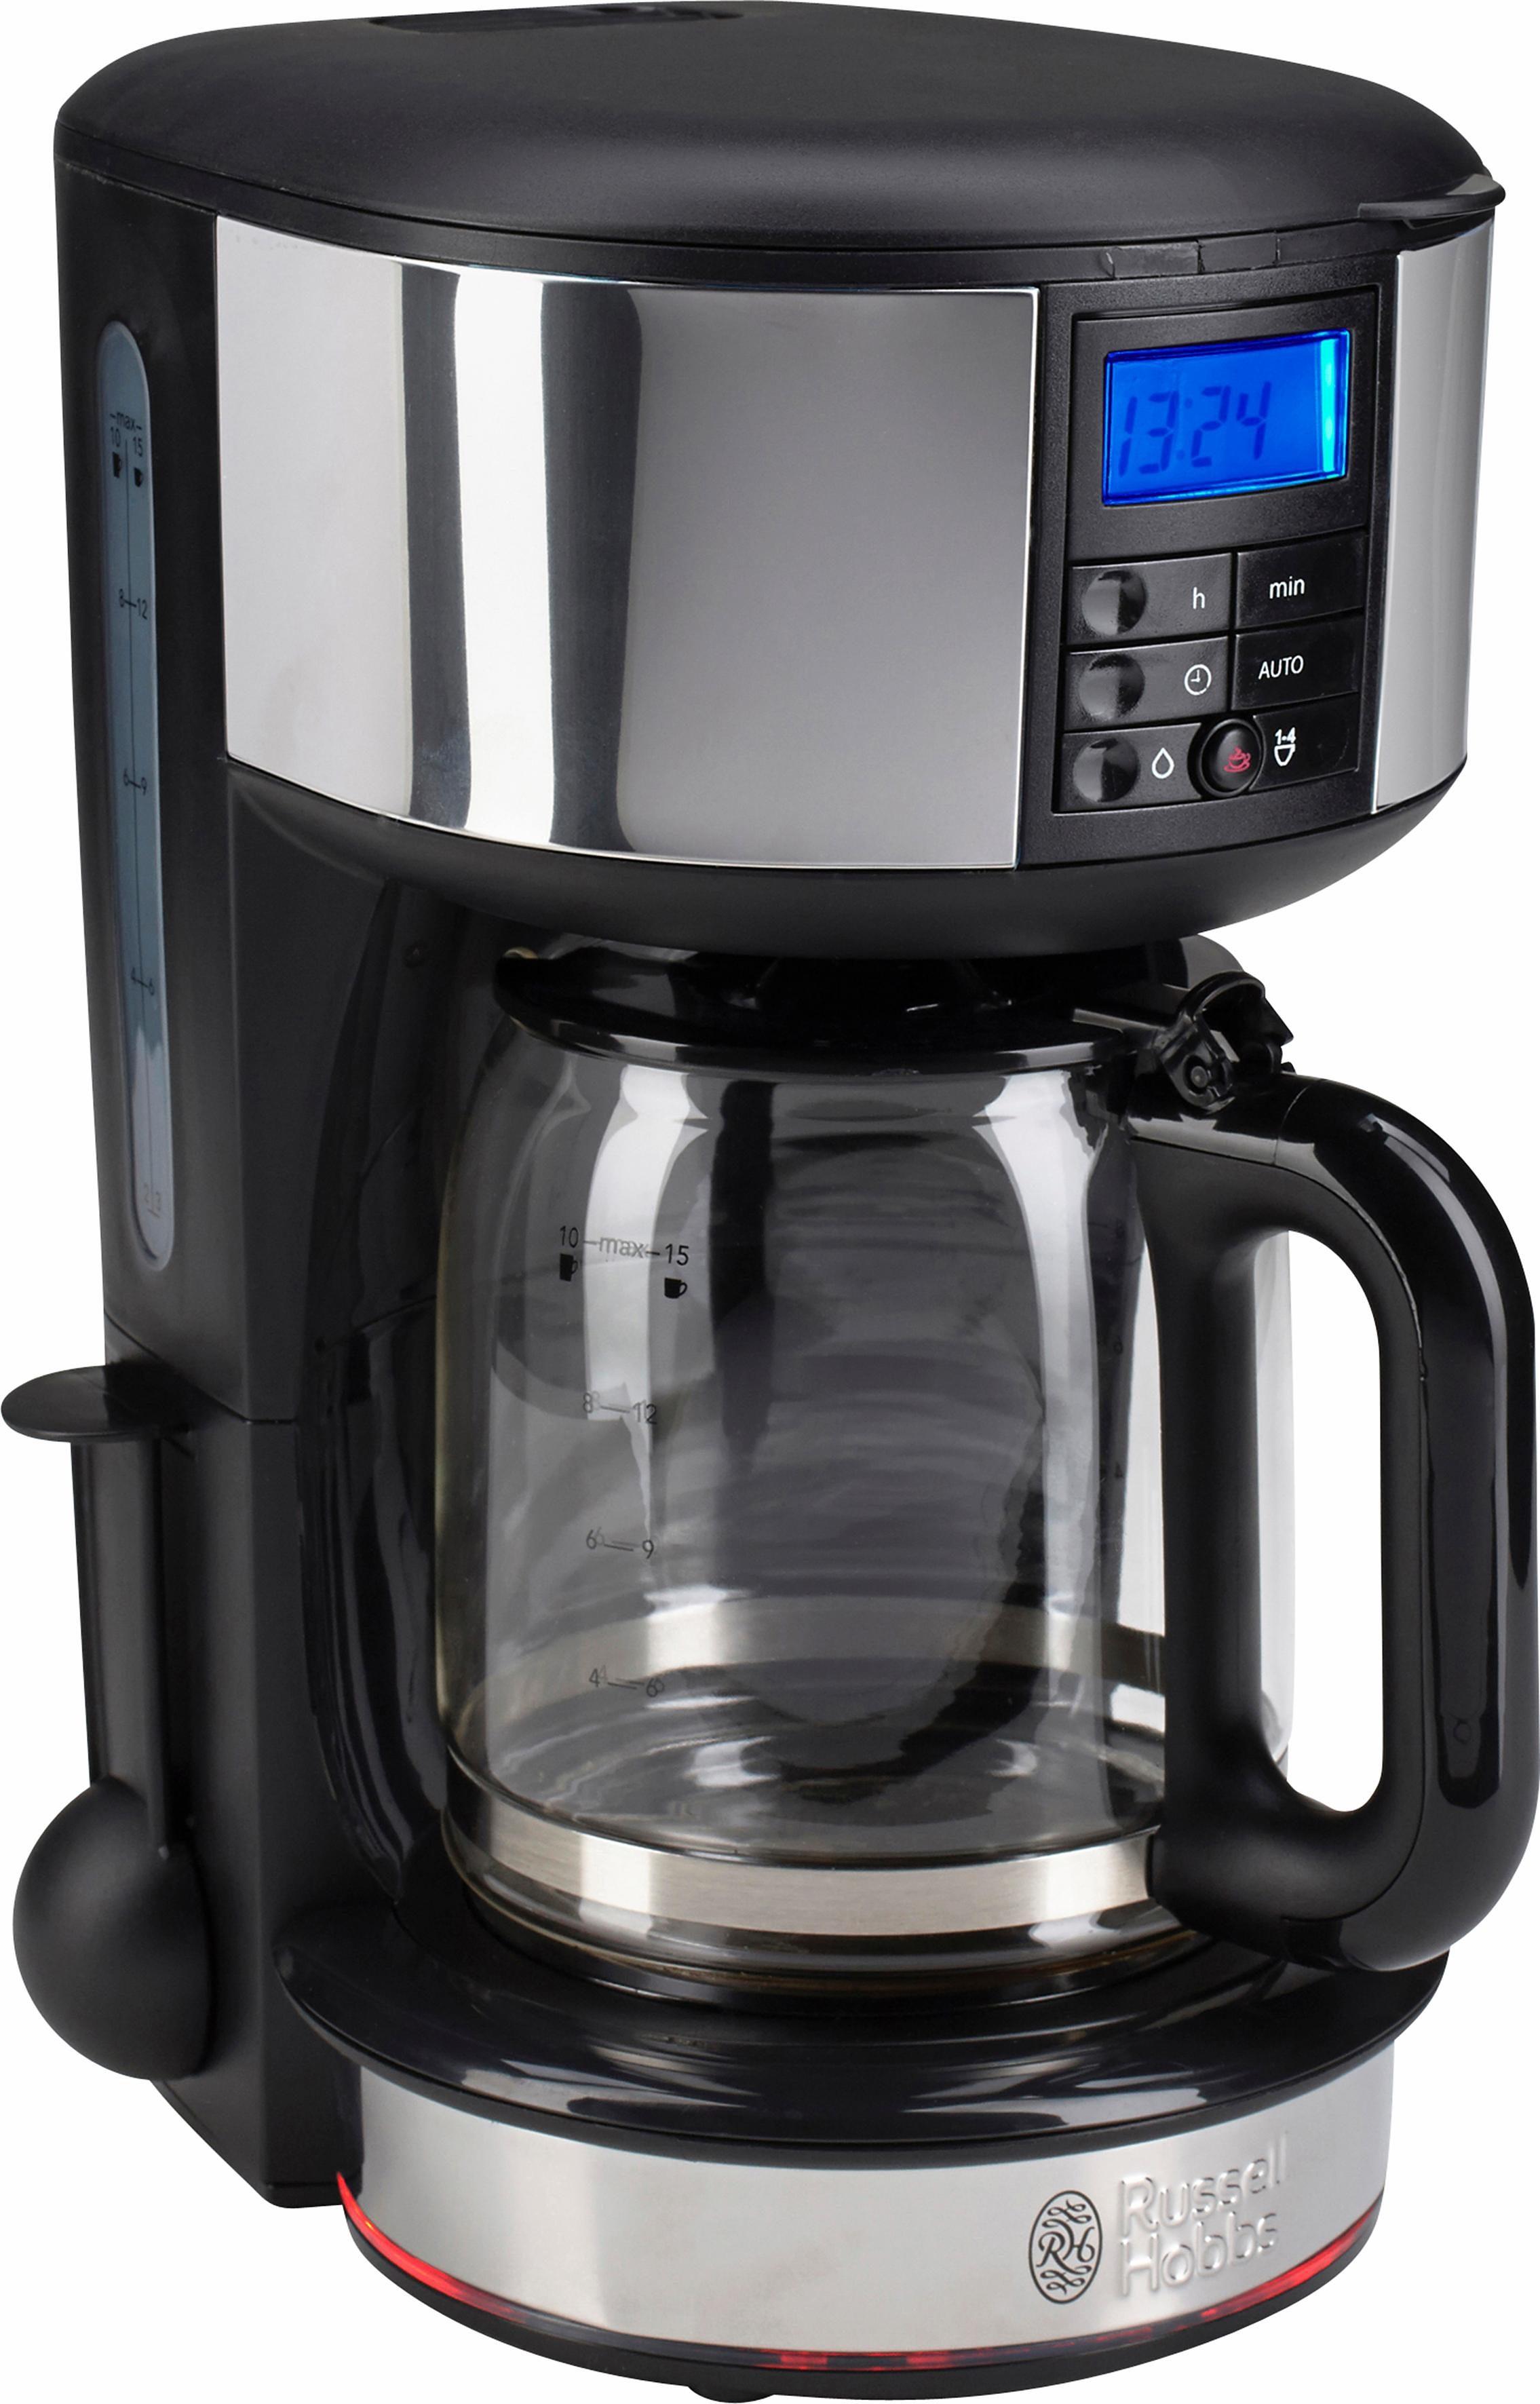 RUSSELL HOBBS Filterkaffeemaschine Legacy 20681-56, 1,25l Kaffeekanne, Papierfilter 1x4, Selbstreinigungsfunktion